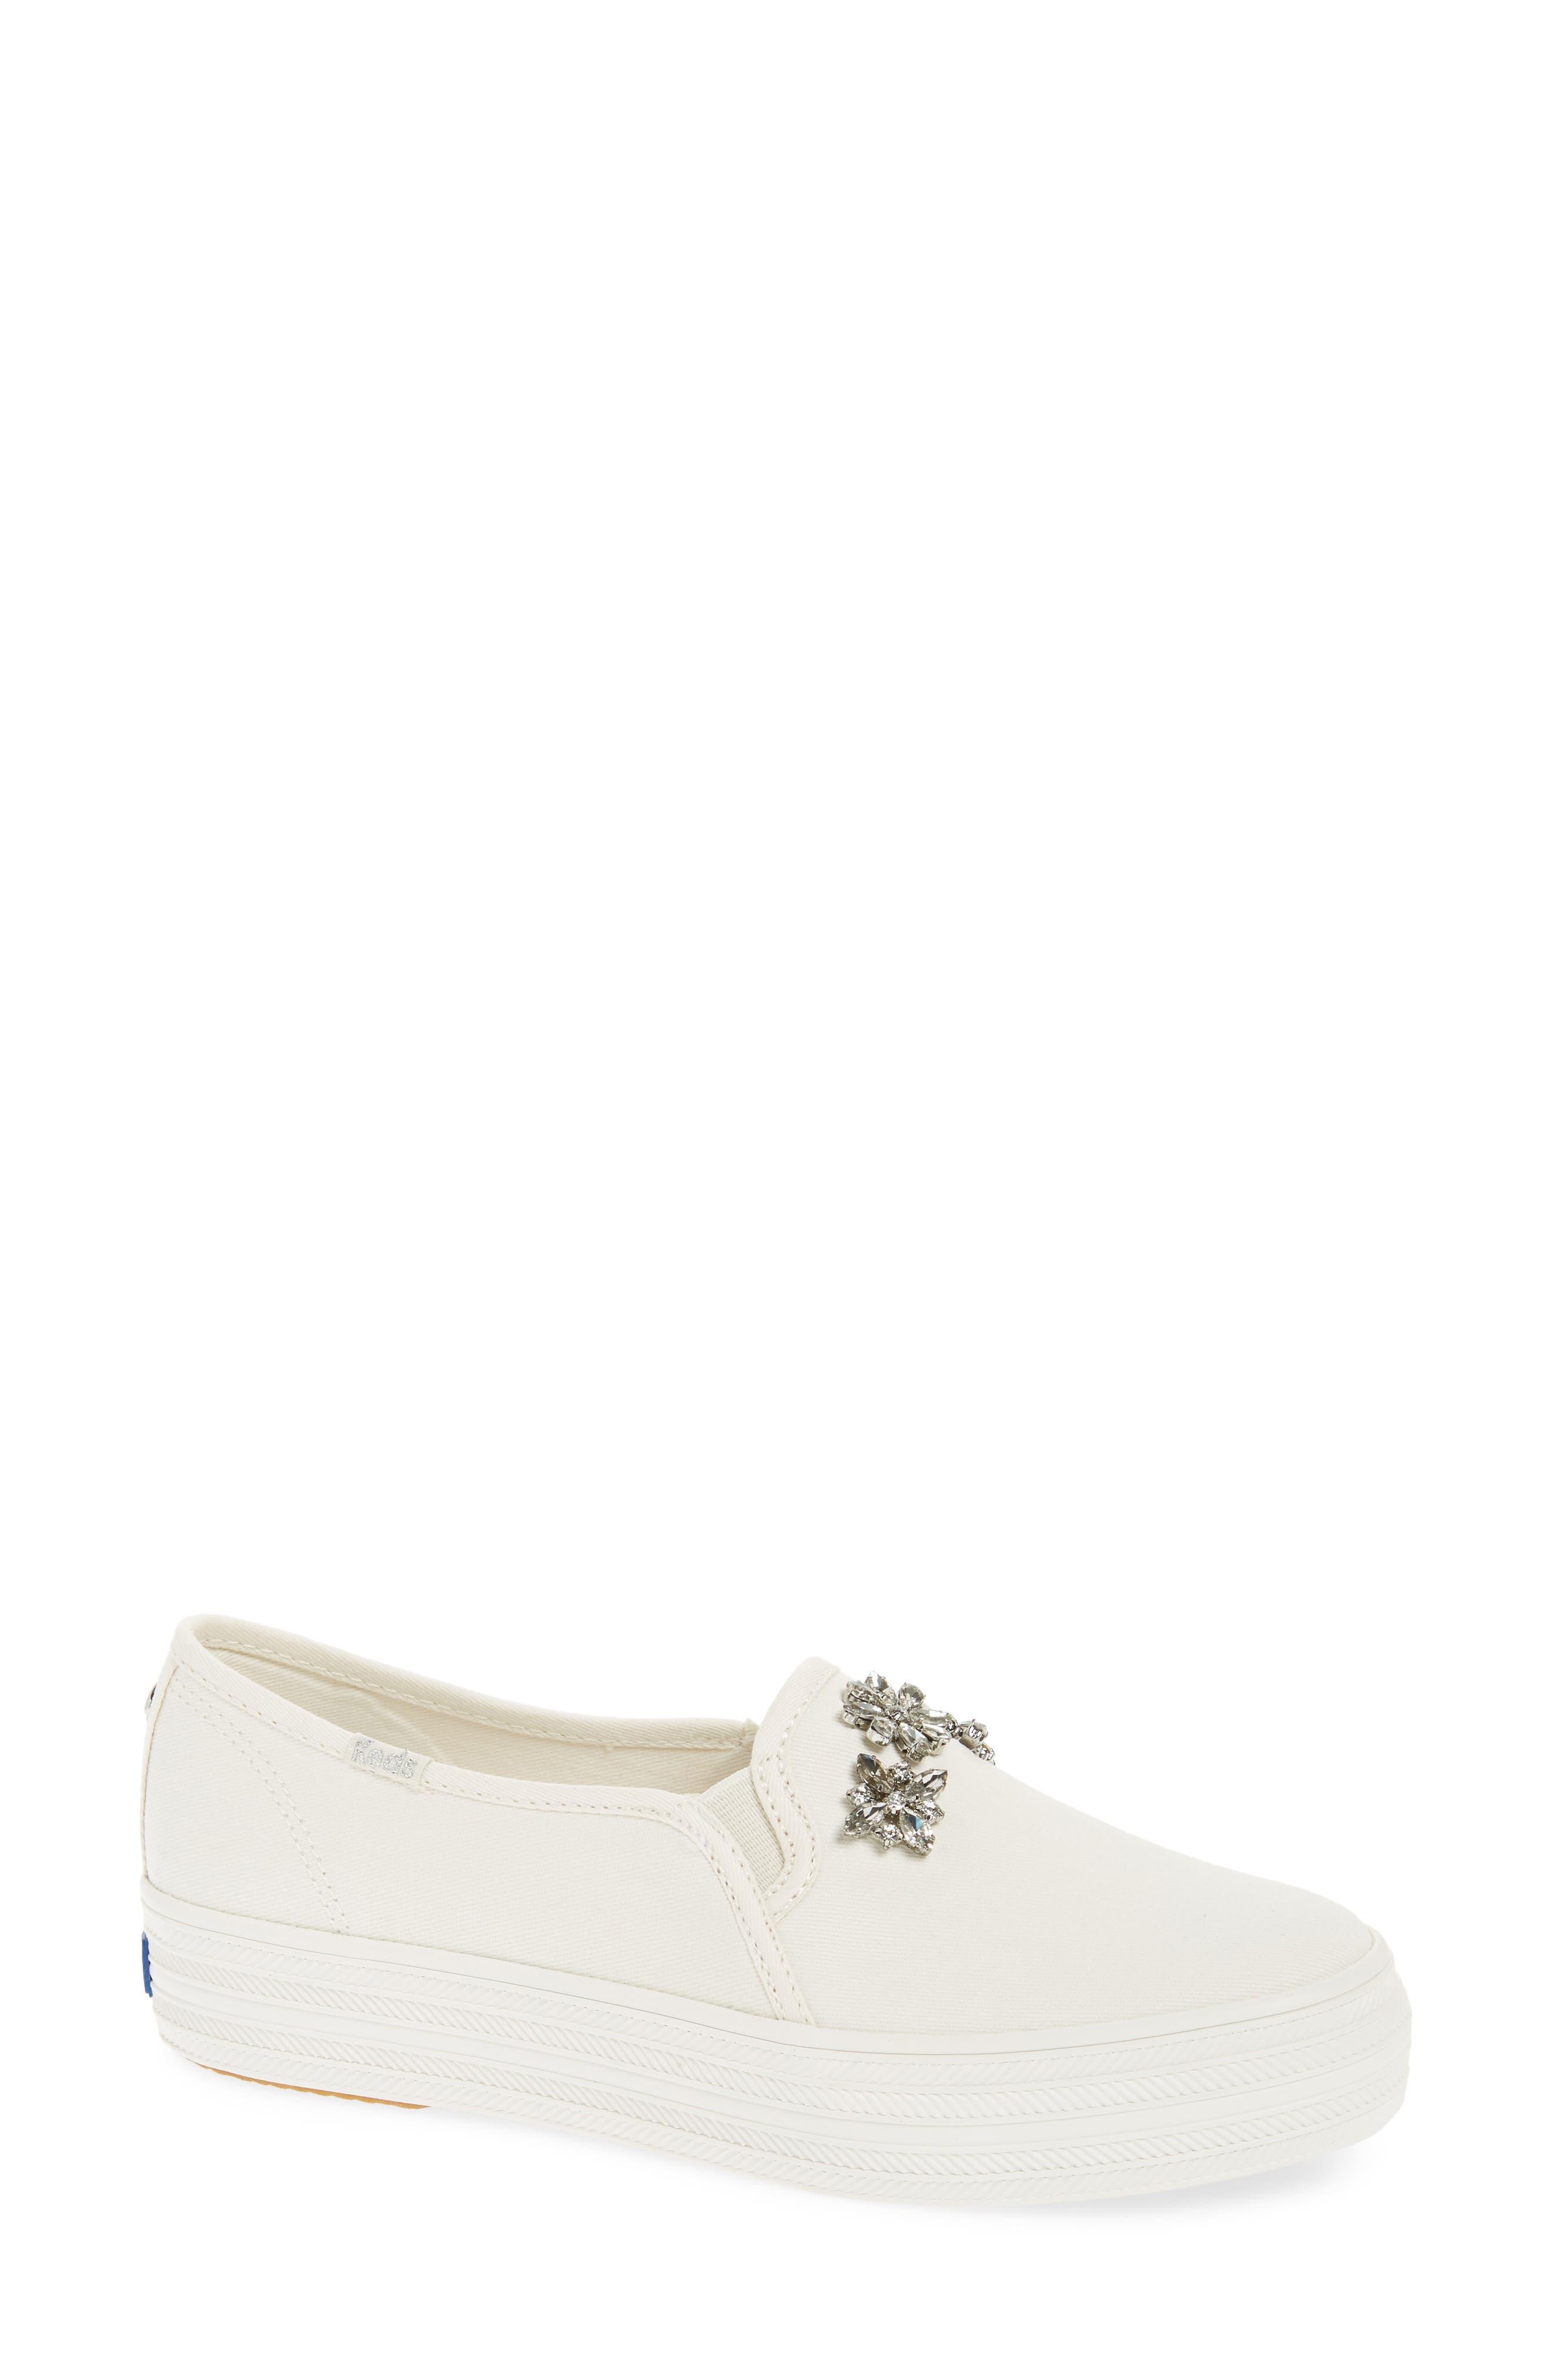 Keds® for kate spade new york triple decker stones slip-on sneaker (Women